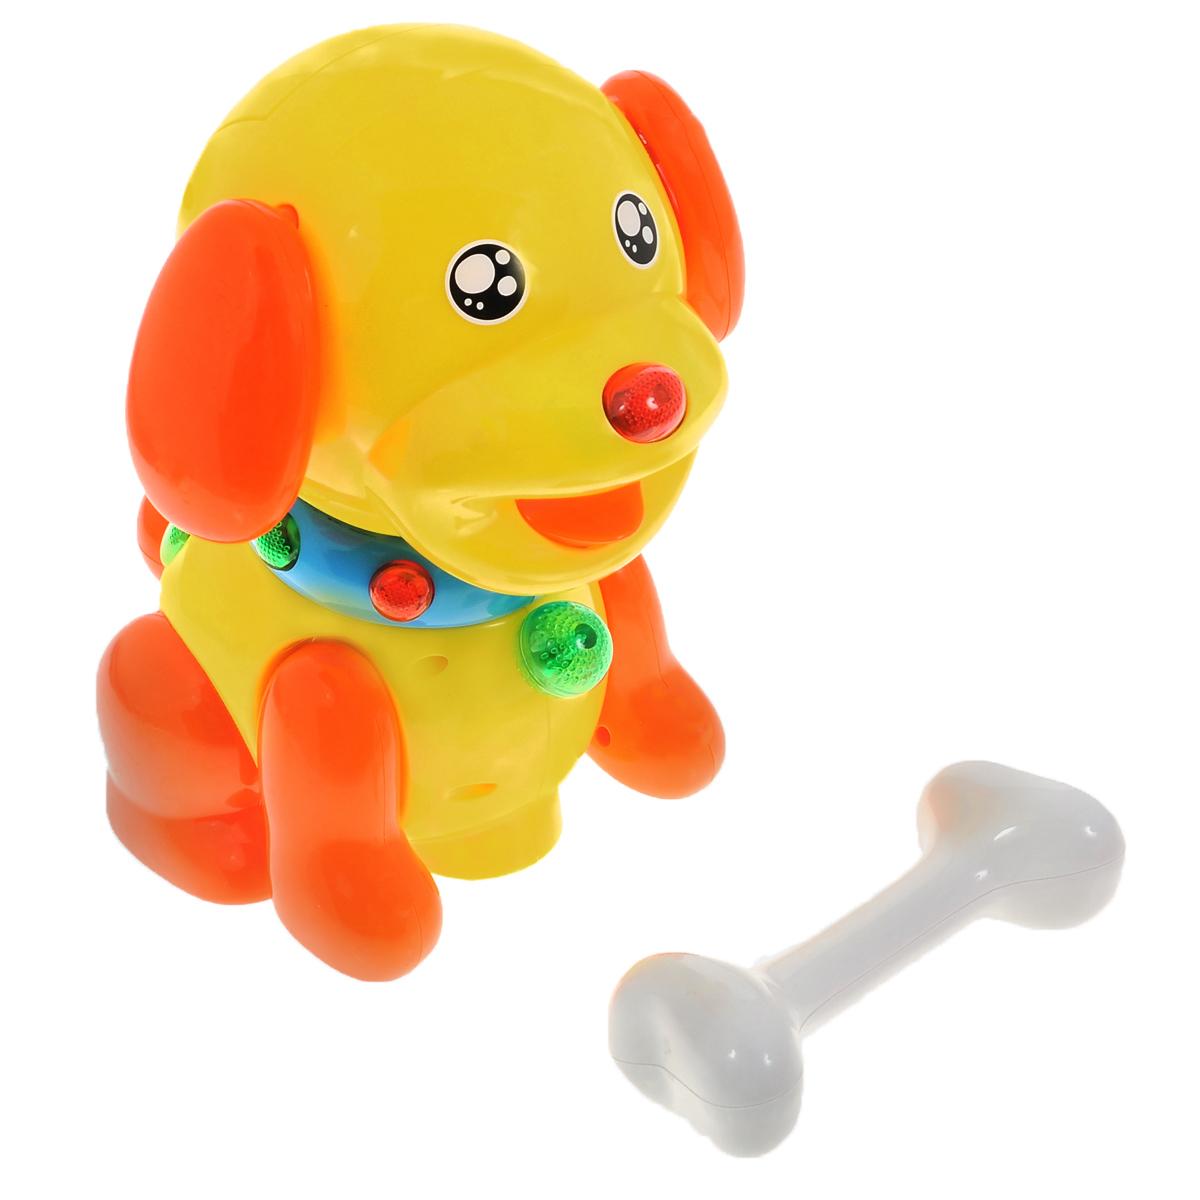 Интерактивная игрушка Малышарики Щенок БаддиMSH0303-007Интерактивная игрушка Малышарики Щенок Бадди выполнена из безопасных материалов в ярком дизайне. Игрушка в виде забавного щенка по имени Бадди станет верным другом вашему малышу. Когда Бадди держит косточку, он начинает лаять и кружиться под веселую музыку, а если косточку забрать, то щенок остановится. Во время танца щенок шевелит ушами и передними лапами, а на спинке и ошейнике горят разноцветные огоньки. При столкновении с препятствием щенок меняет направление движения. Интерактивная игрушка Щенок Бадди поможет малышу ближе познакомиться с миром звуков, а также развивает логическое мышление, воображение и концентрацию внимания. Рекомендуемый возраст: 1-3 года. Для работы игрушки необходимы 4 батарейки напряжением 1,5V типа АА (не входят в комплект).